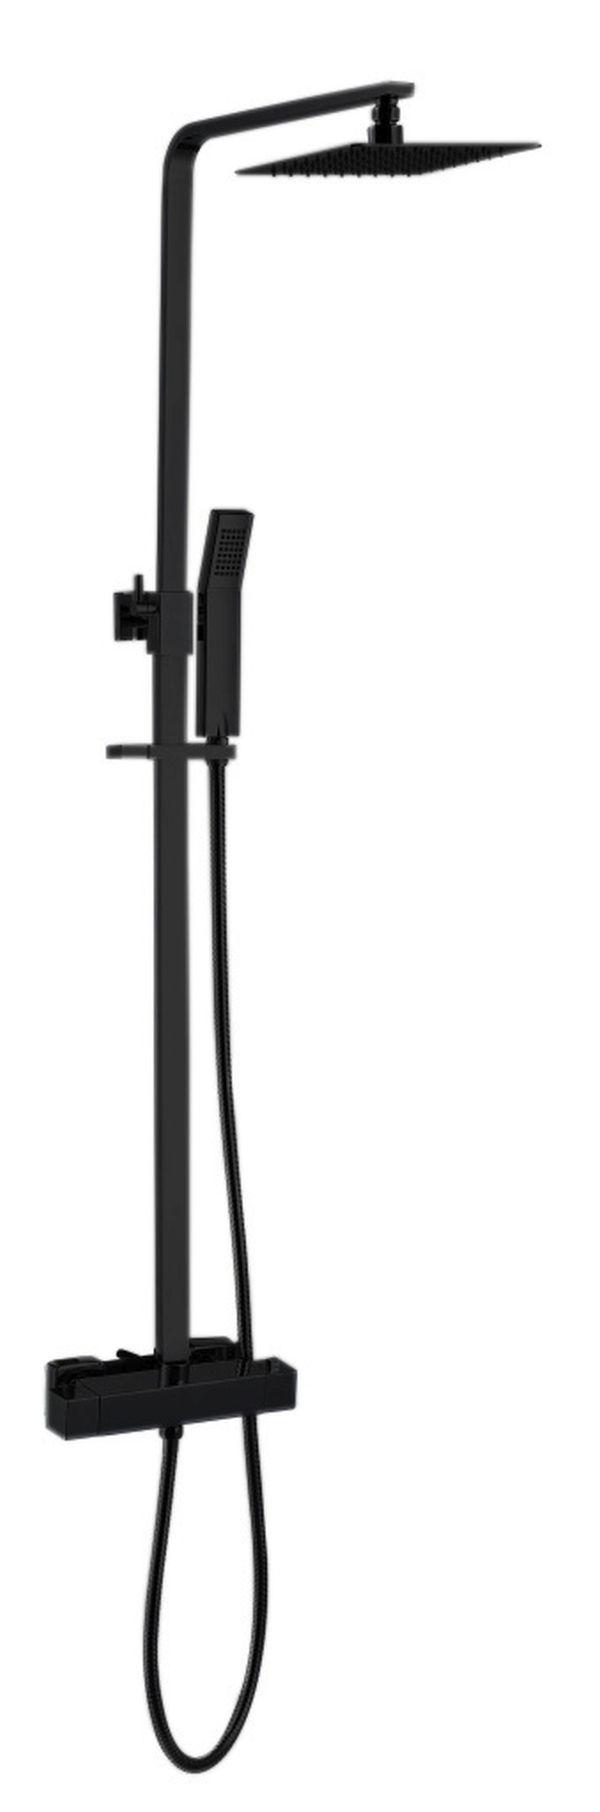 Best design black york vierkante thermostatische regendouche opbouwset nero mat zwart